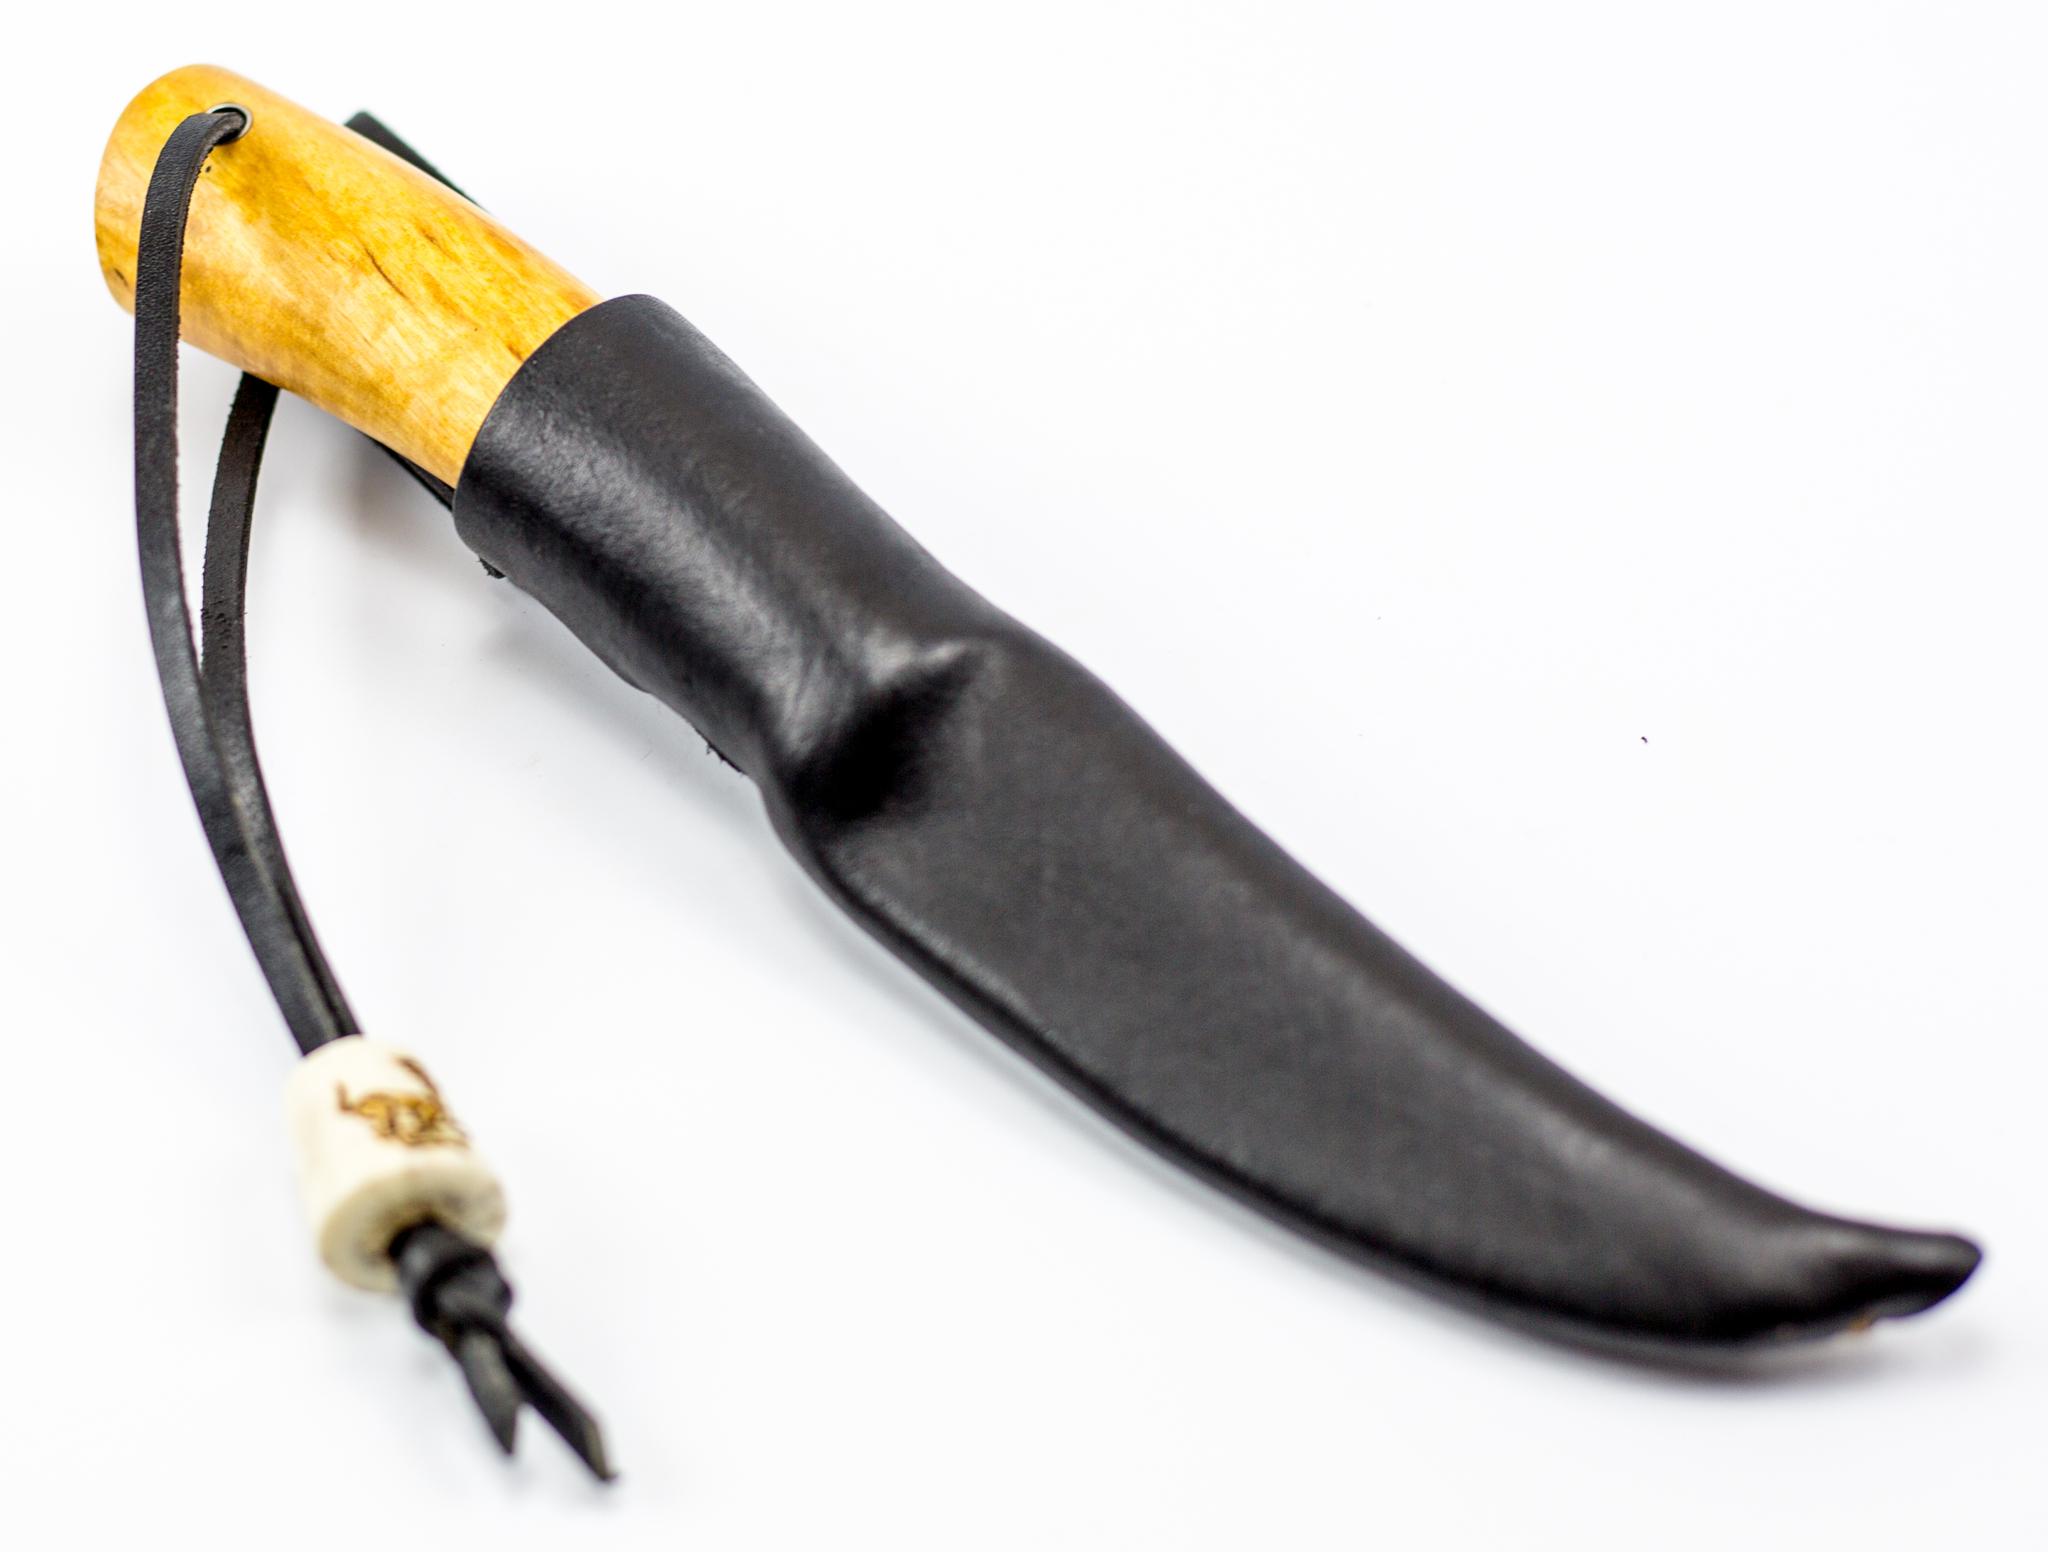 """Нож Барбус, сталь Х12Ф1, карельская береза, рог оленя, скрим-шоу от Магазин ножей """"Ножиков"""""""